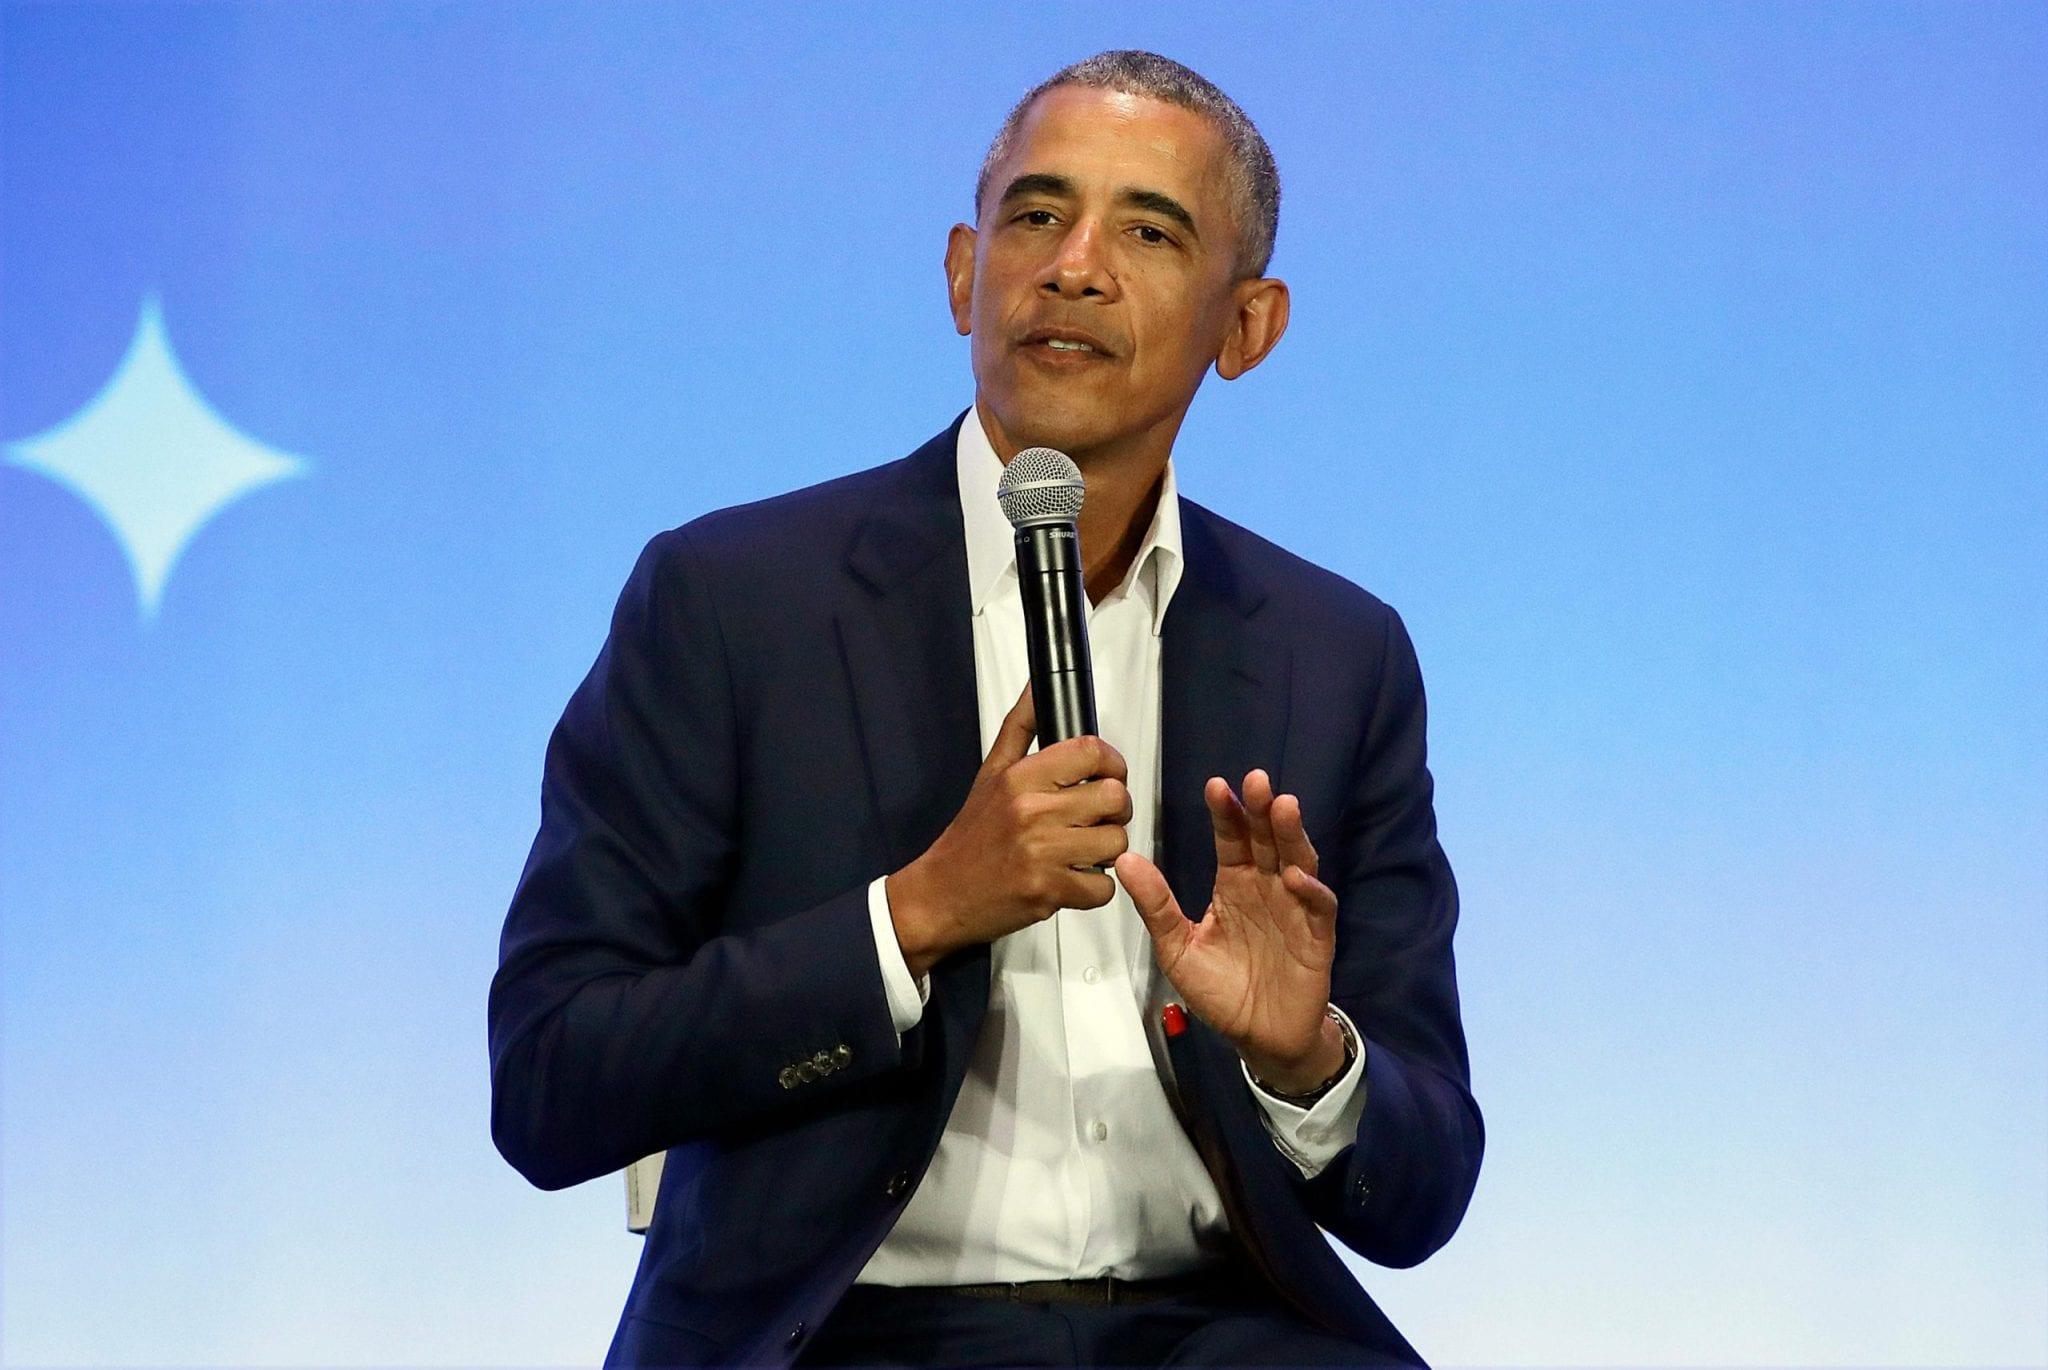 Barack Obama da Fazio a Che tempo che fa. Ospite esclusivo per un'intervista che avrà per tema la sua autobiografia Una terra promessa